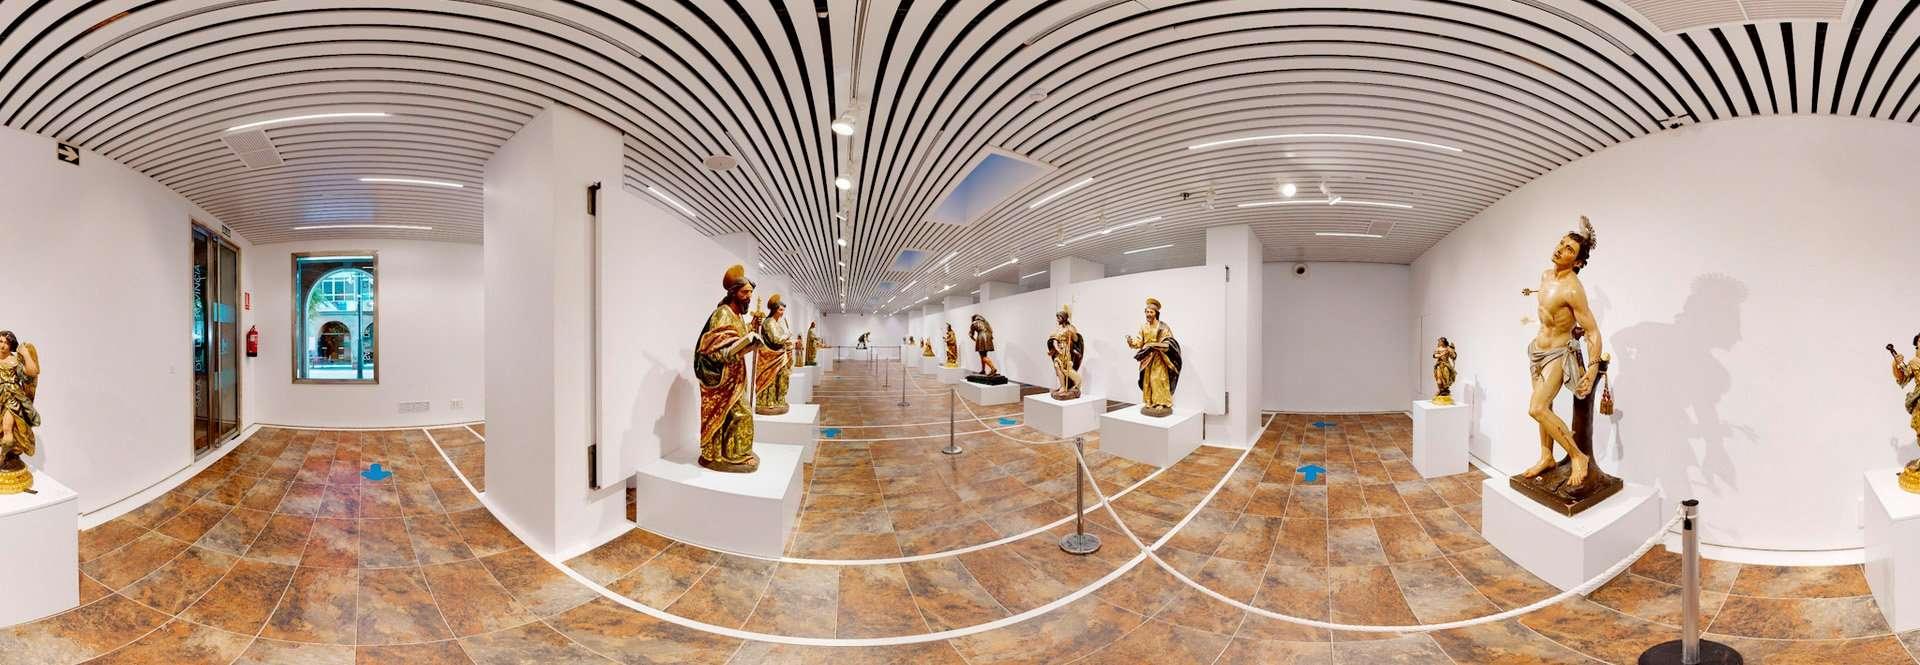 Visitas a 360 grados para conocer las exposiciones onubenses.